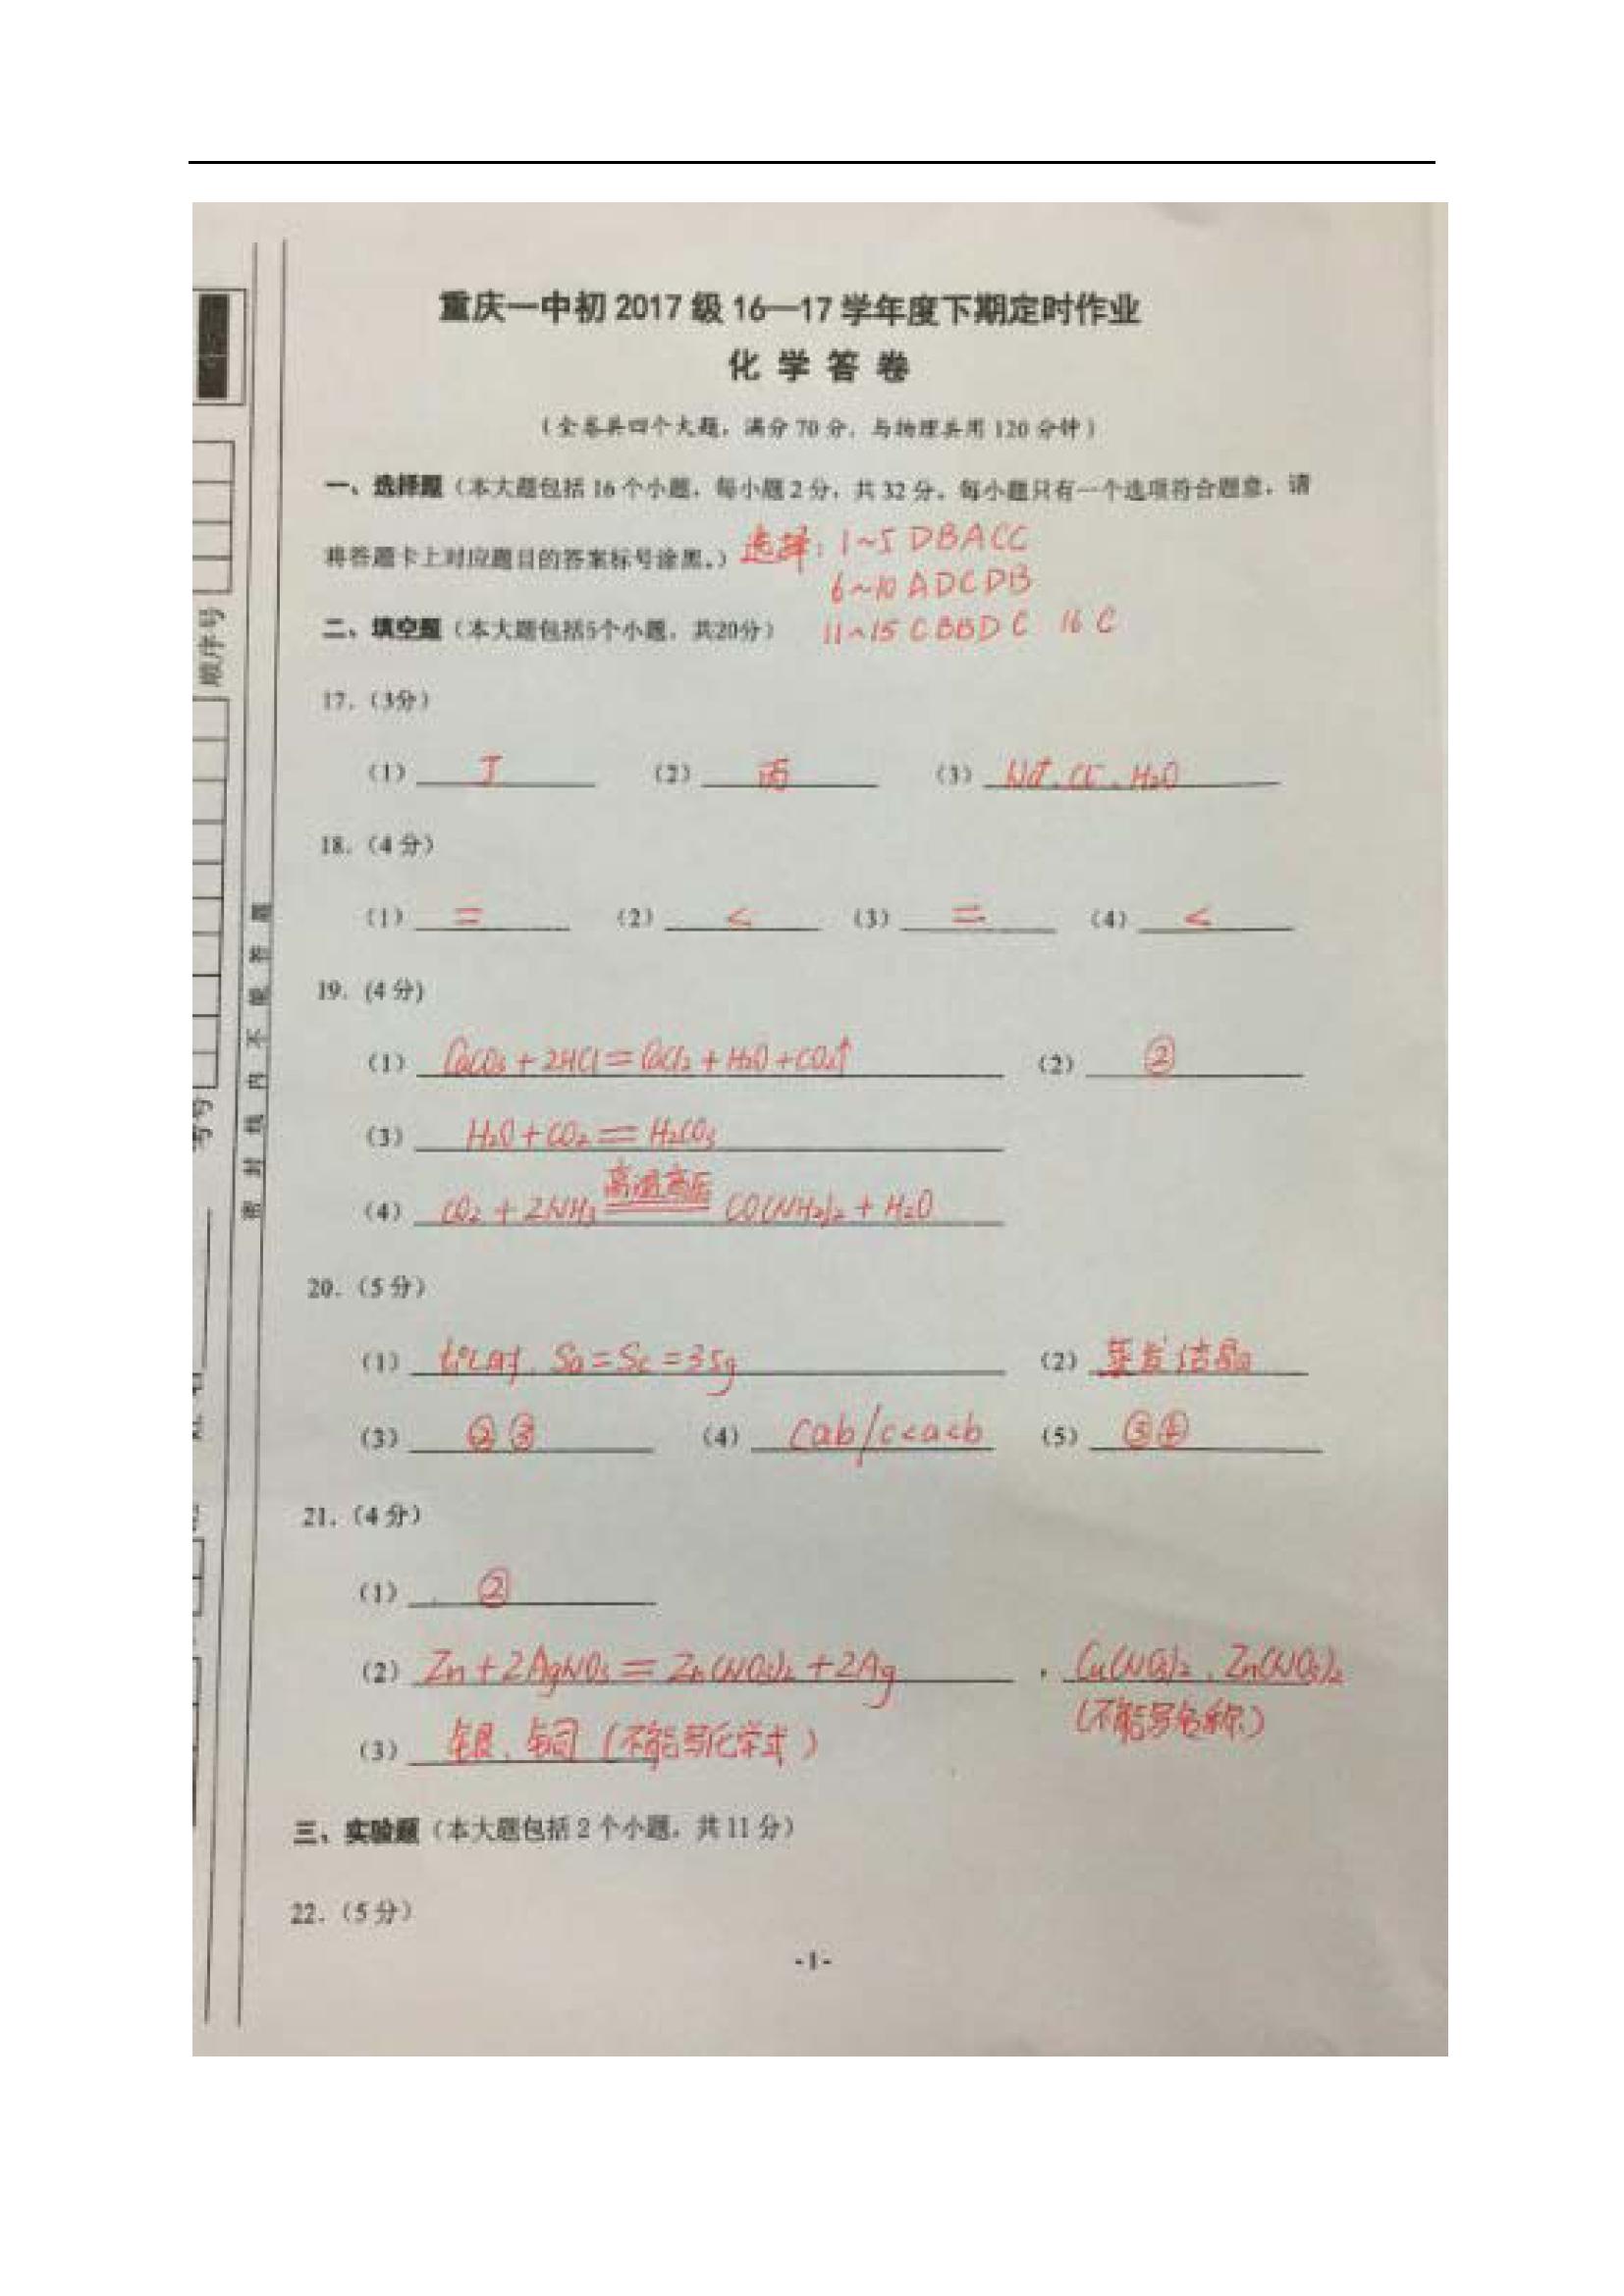 重庆第一中学2017九年级3月定时作业化学试题答案(Word版)